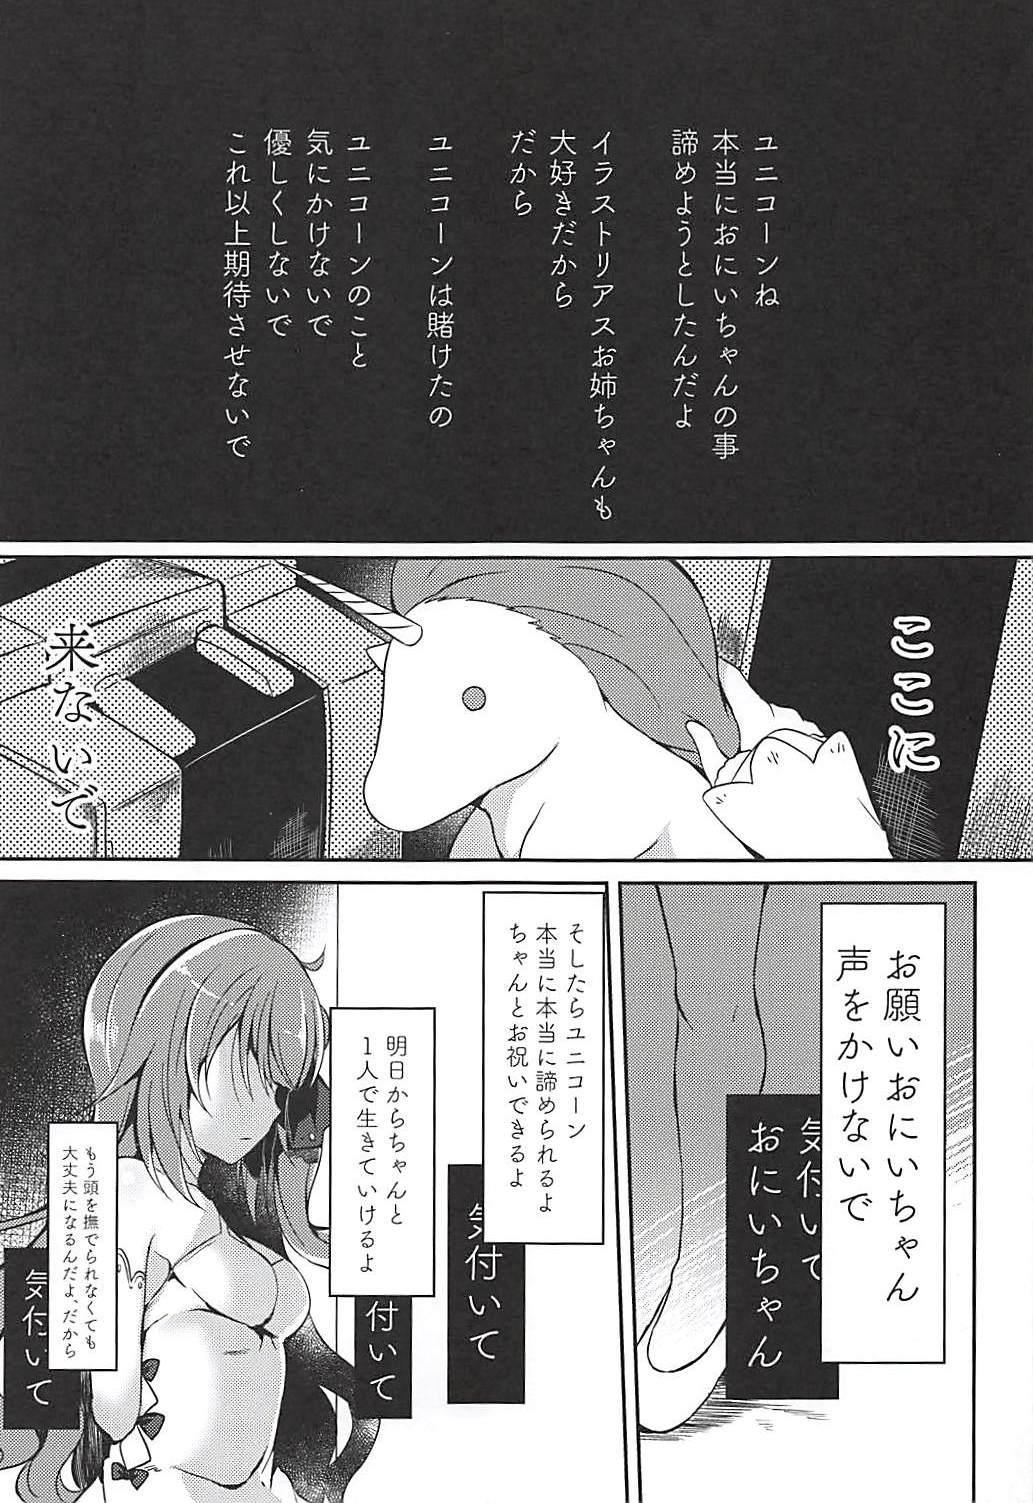 Yumemiru Kouma wa Nani o Miru? 27